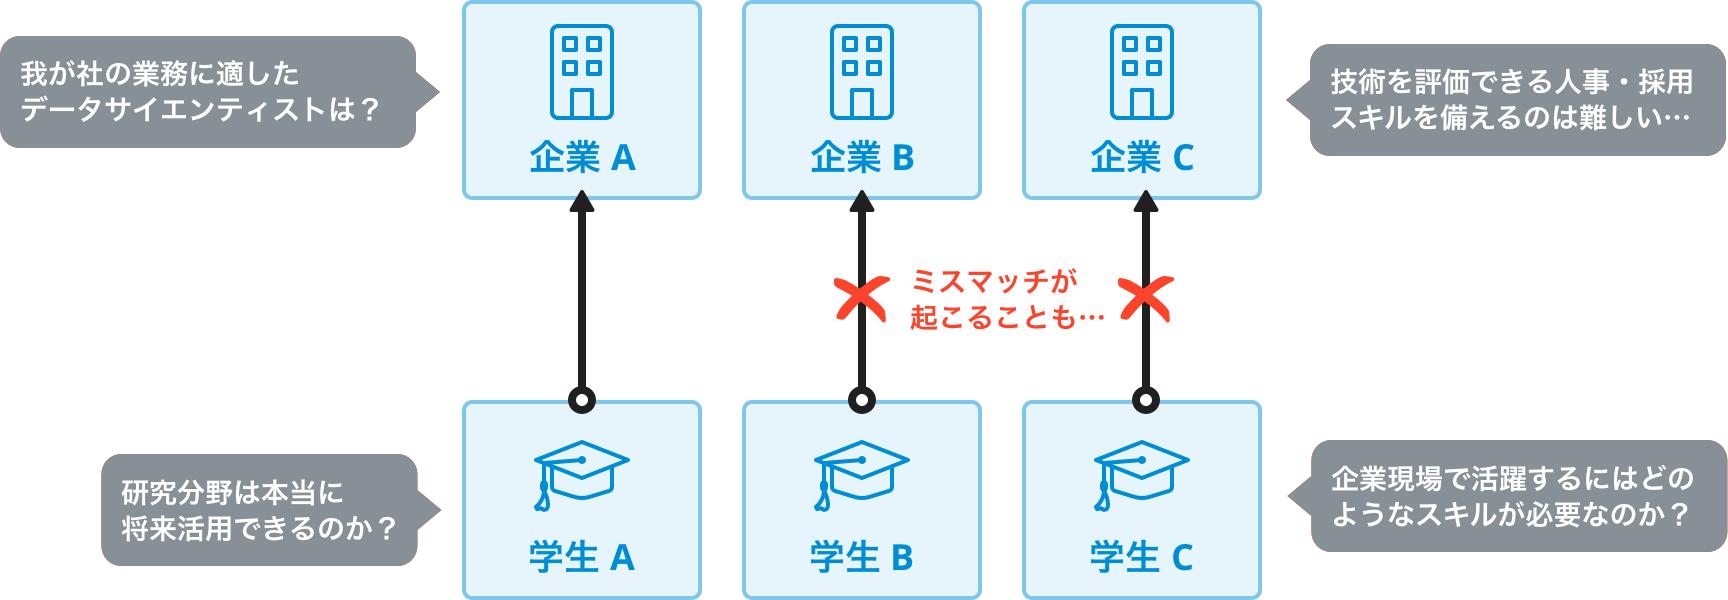 データサイエンティスト採用における問題点の図